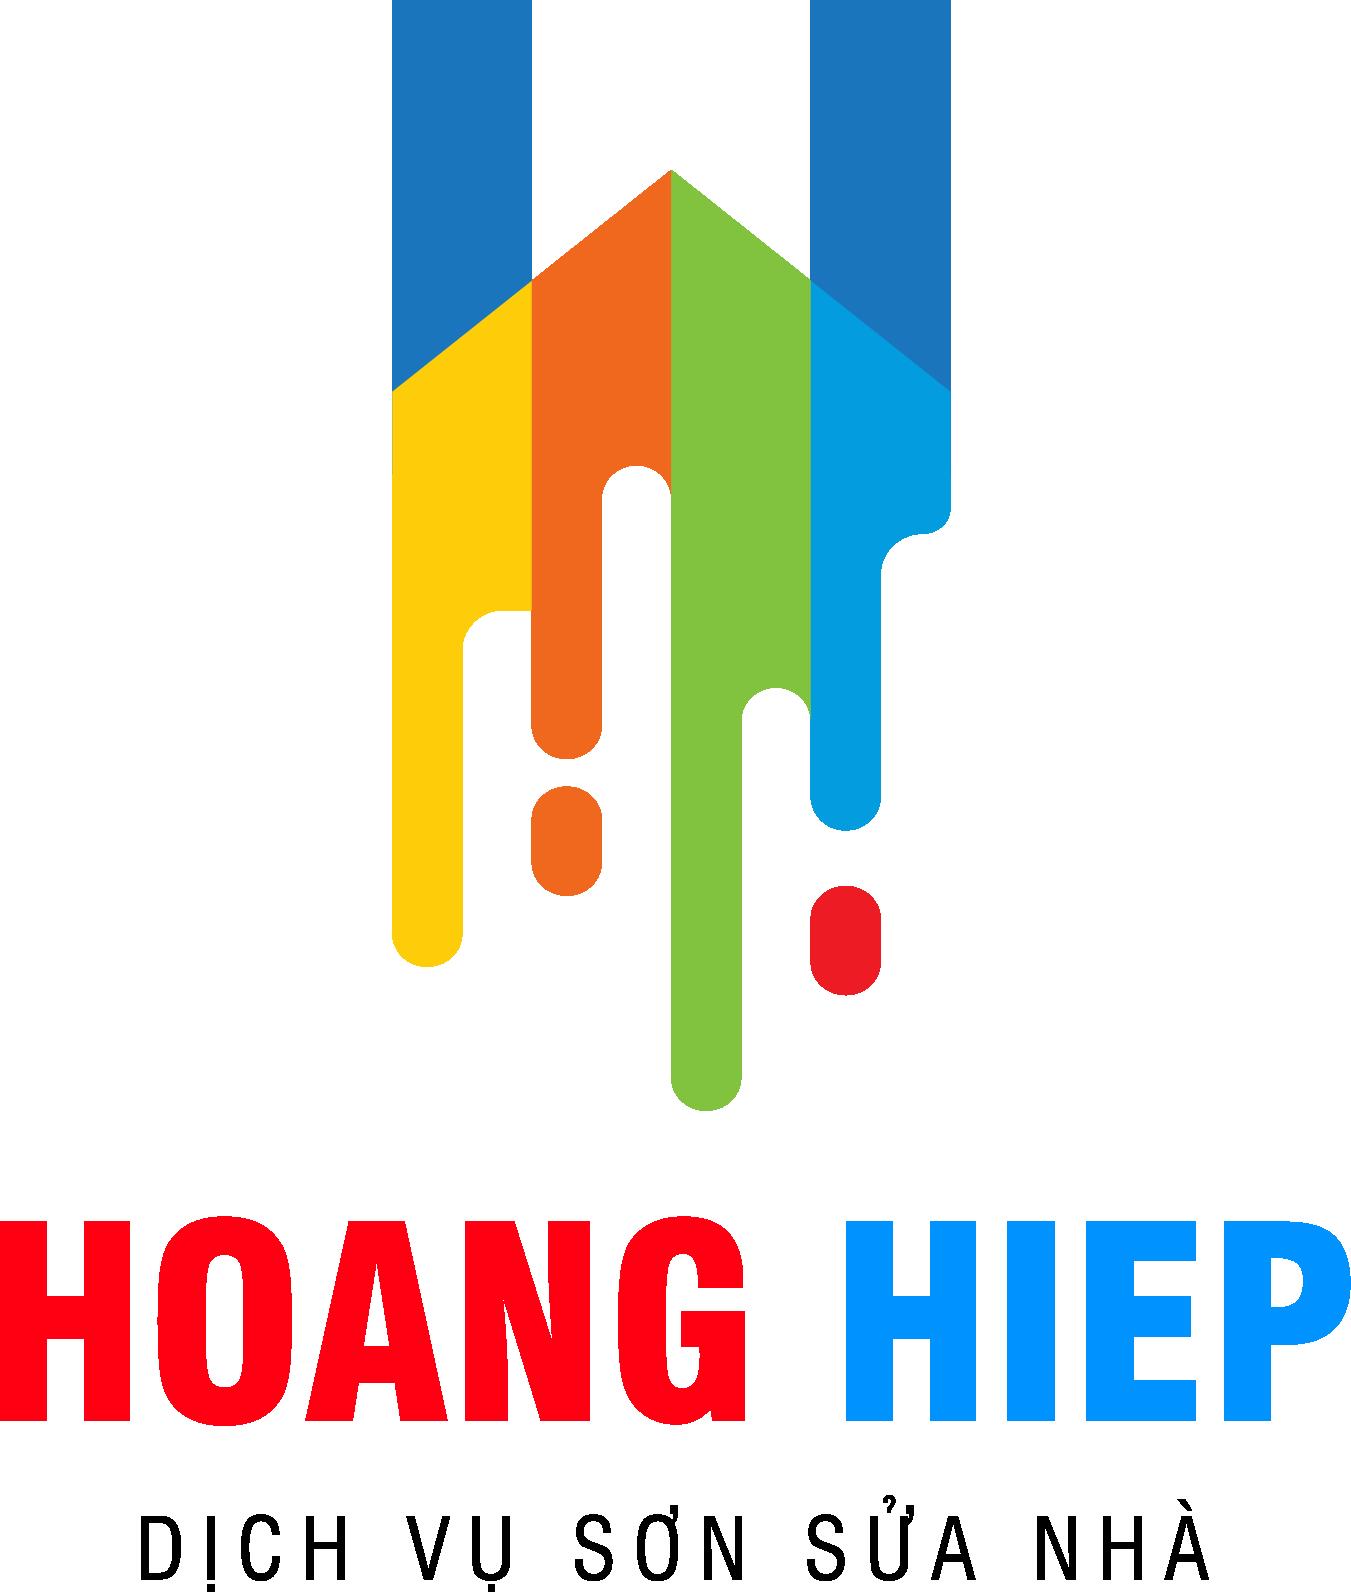 Sơn Sửa Nhà Hoàng Hiệp – Dịch Vụ Sơn Sửa Nhà Tại TPHCM